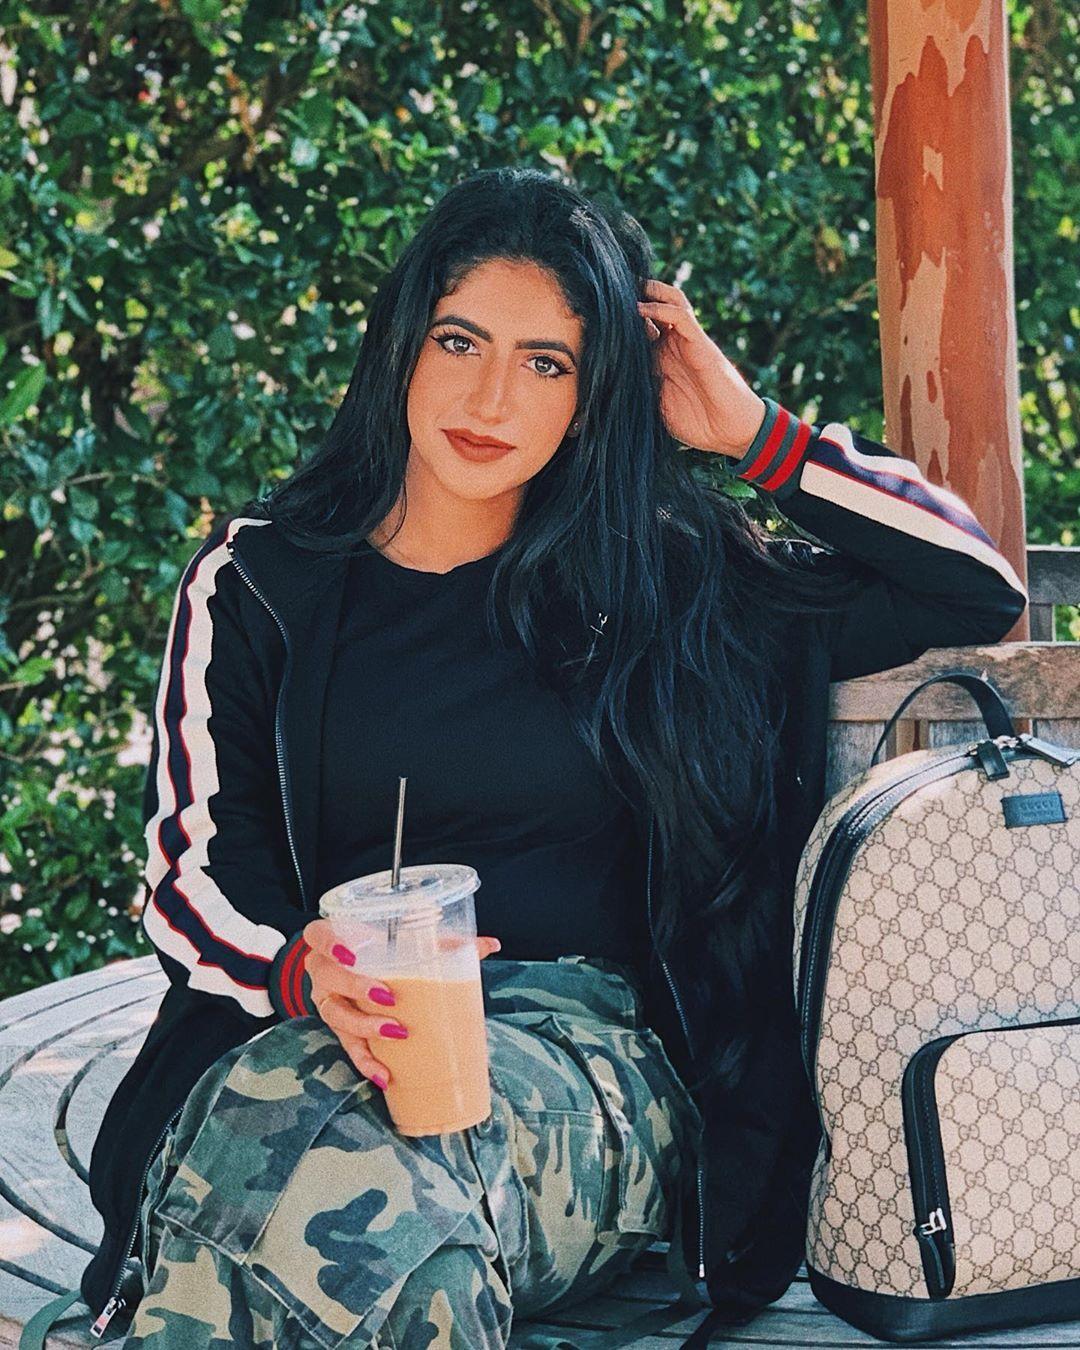 نور ستارز Noor Stars On Instagram Eid Mubarak Everyone Happyeid كل عام وانتم وعائلتكم و كل من تحبوه بالف خير يا رب و Girls Be Like Stylish Girl Stars